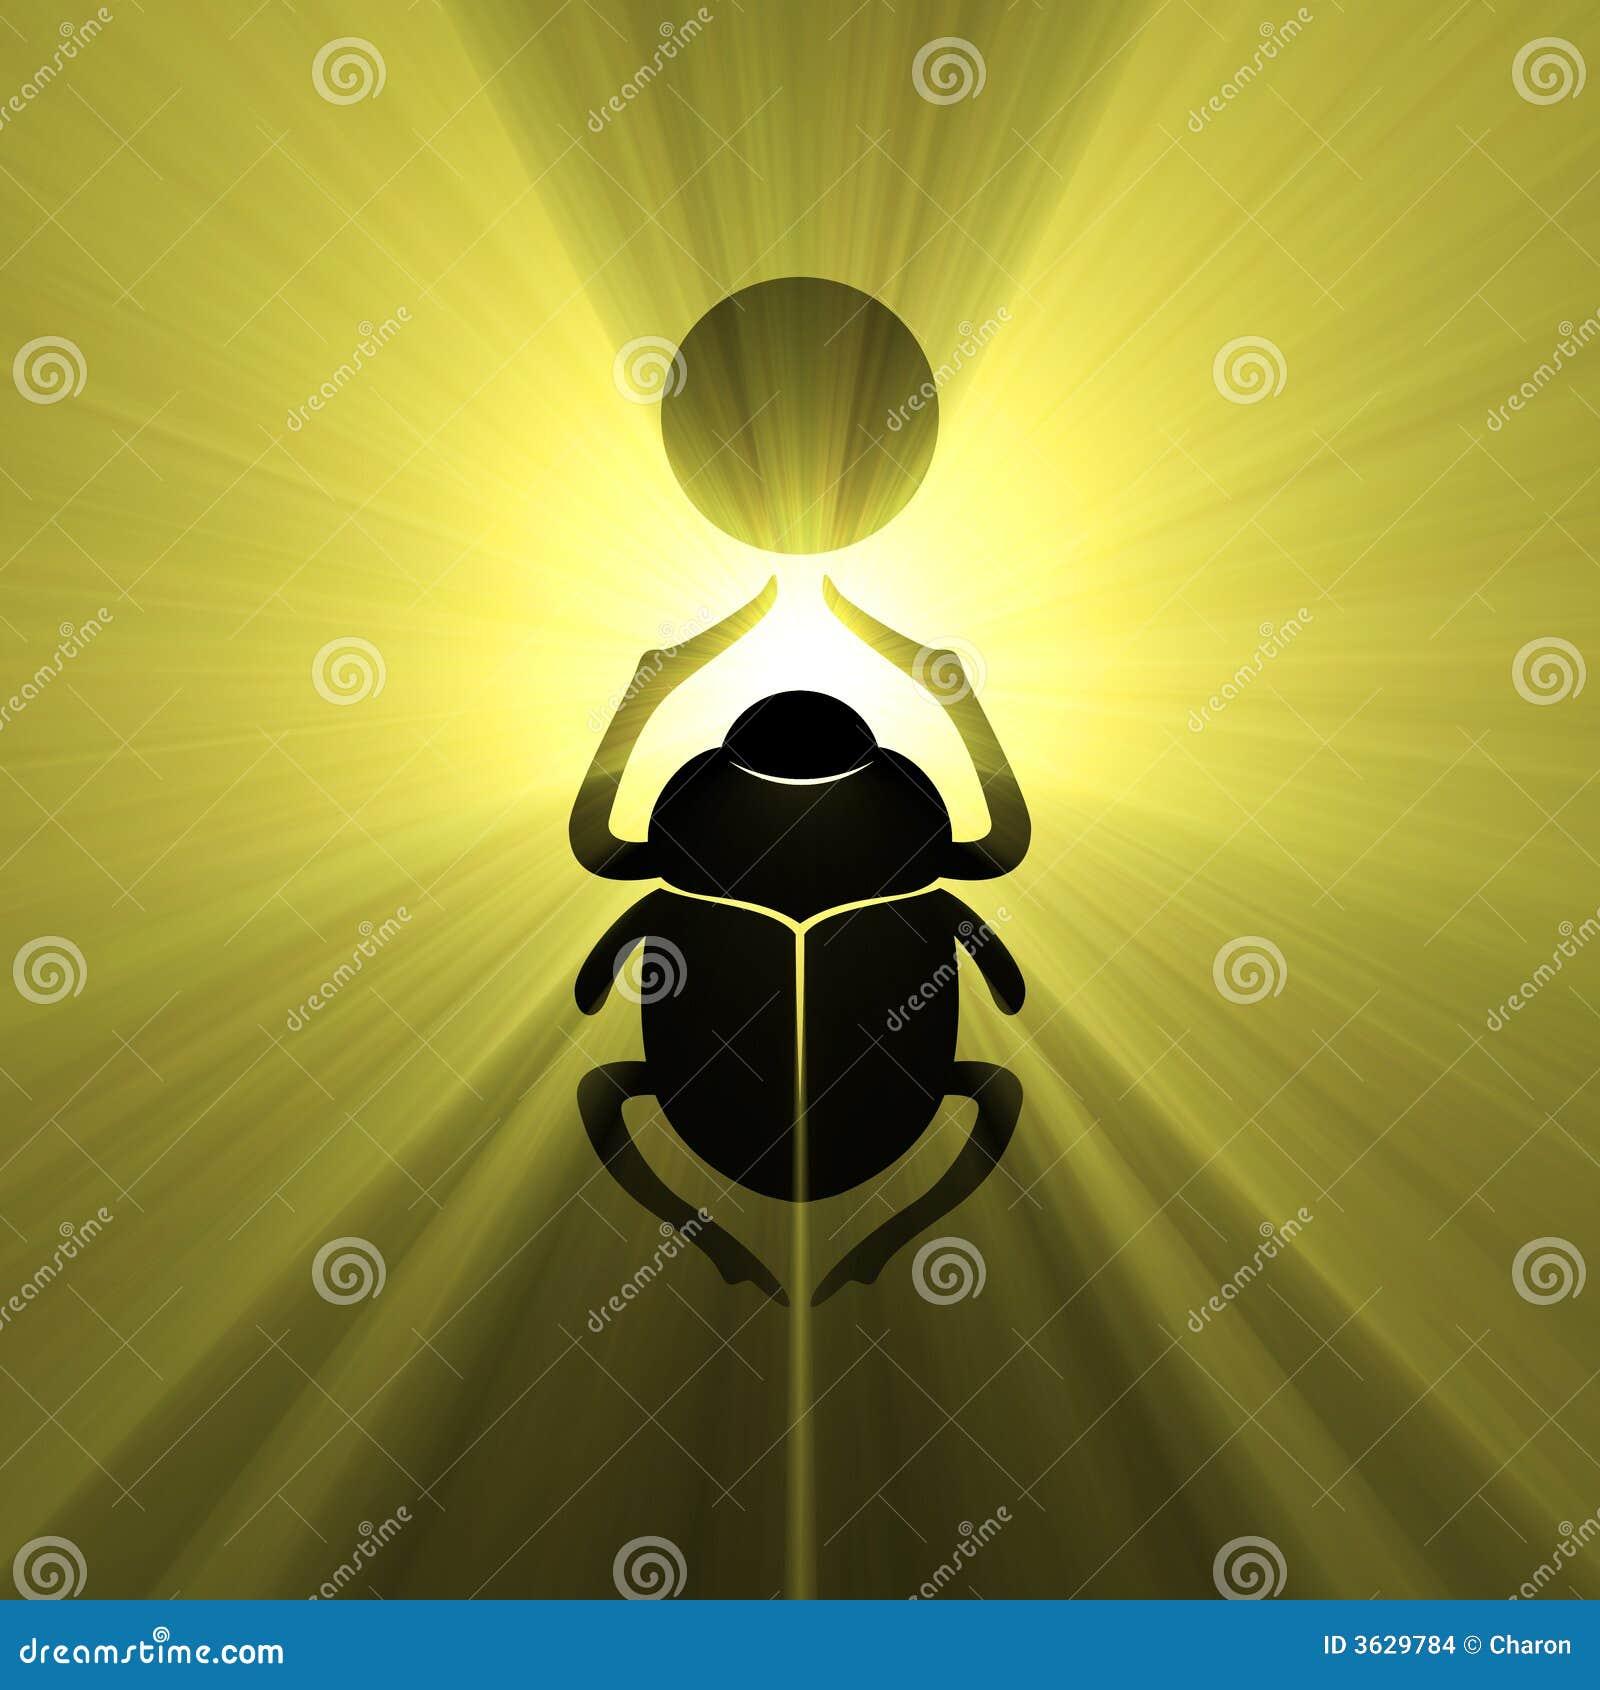 gujarat bsnl co admin profile image qop